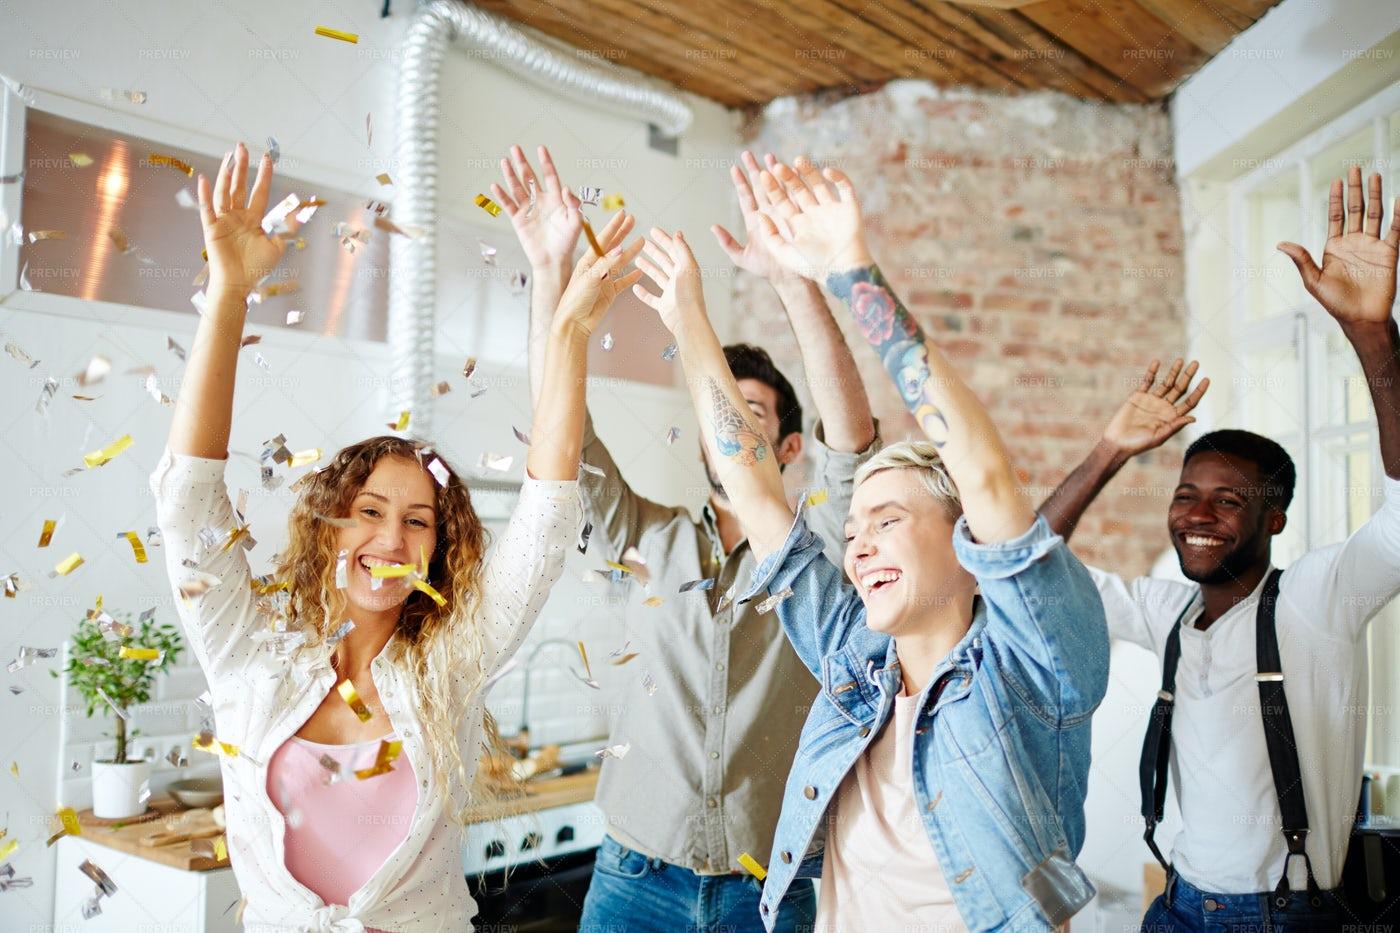 Happy Dance: Stock Photos